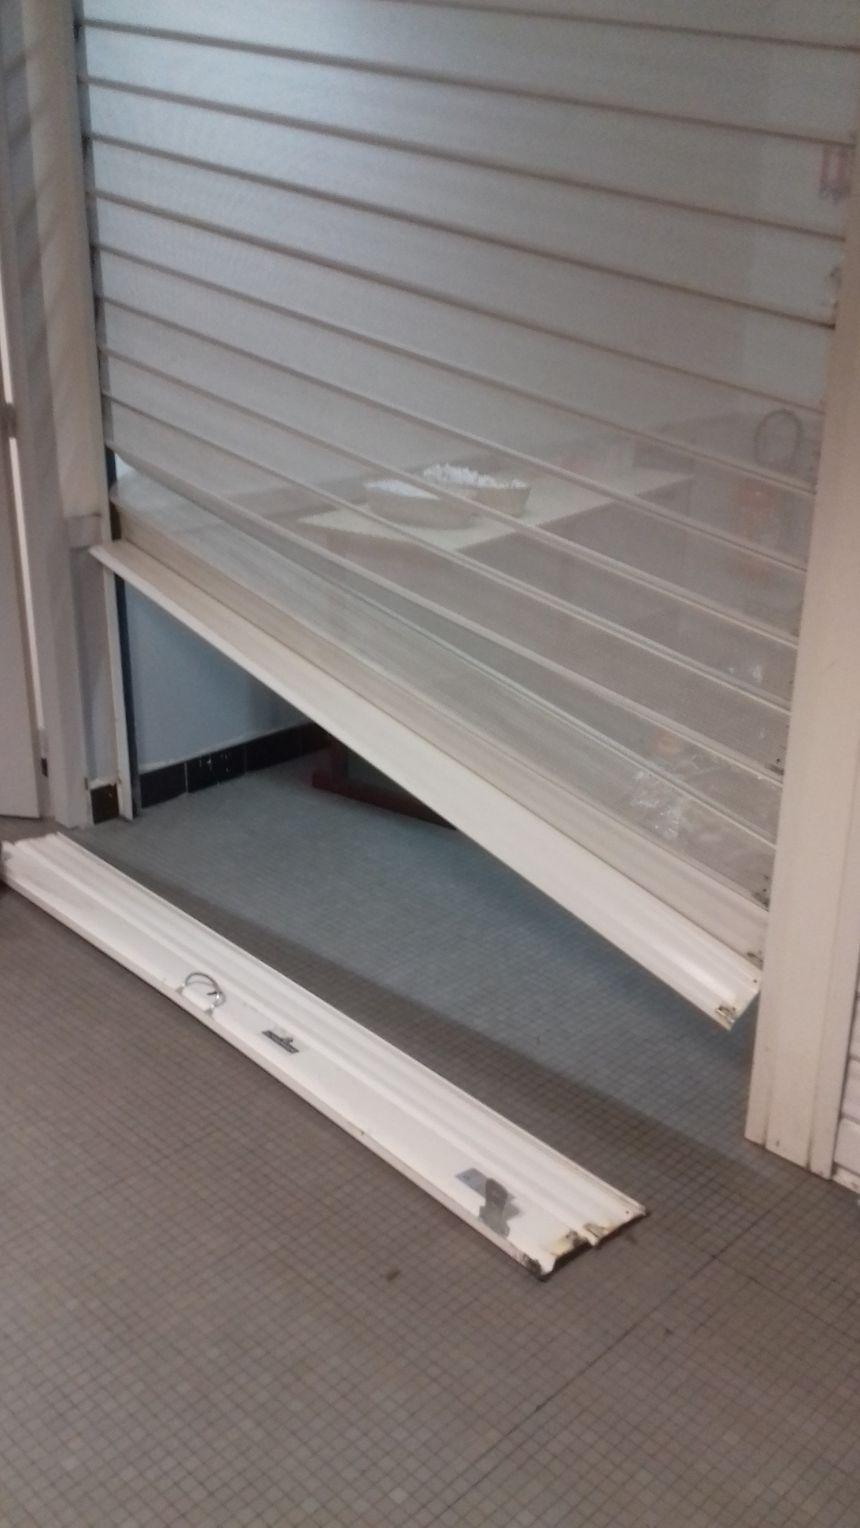 Le rideau de la cafétéria du bâtiment Droit-Lettres a été cassé